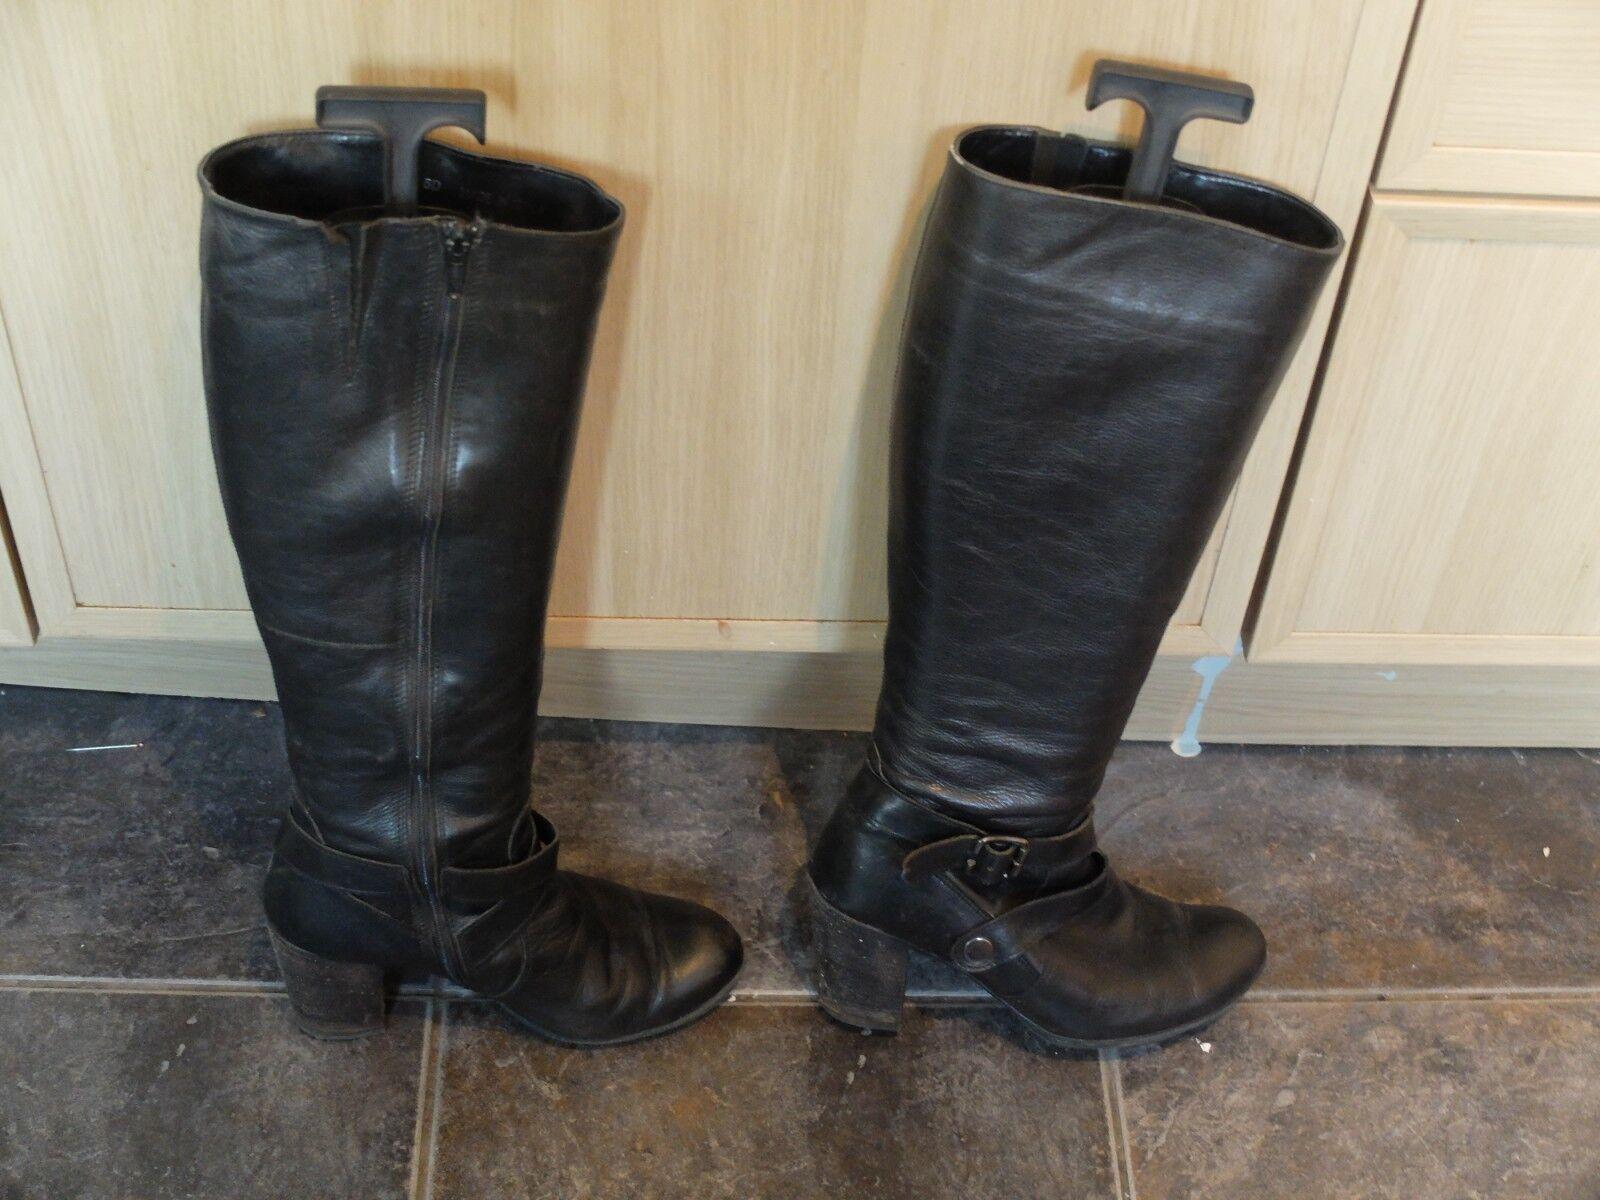 USATO Clarks Stivali in Pelle con Stivali barelle-misure